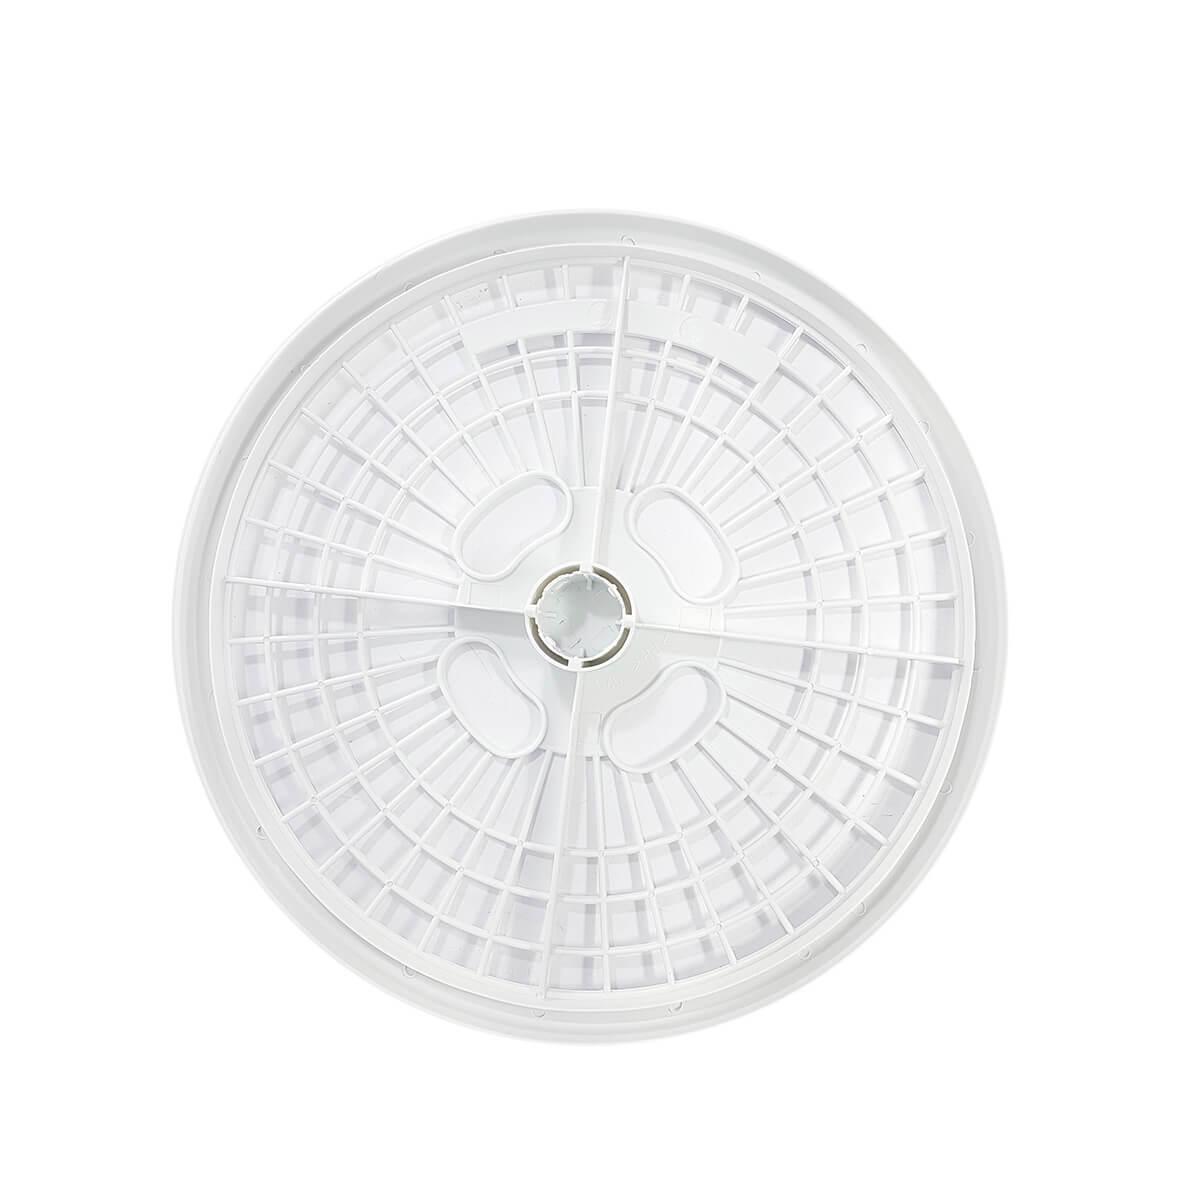 Alojamento Do Filtro Para Secadora De Roupas Electrolux - GYJ4684